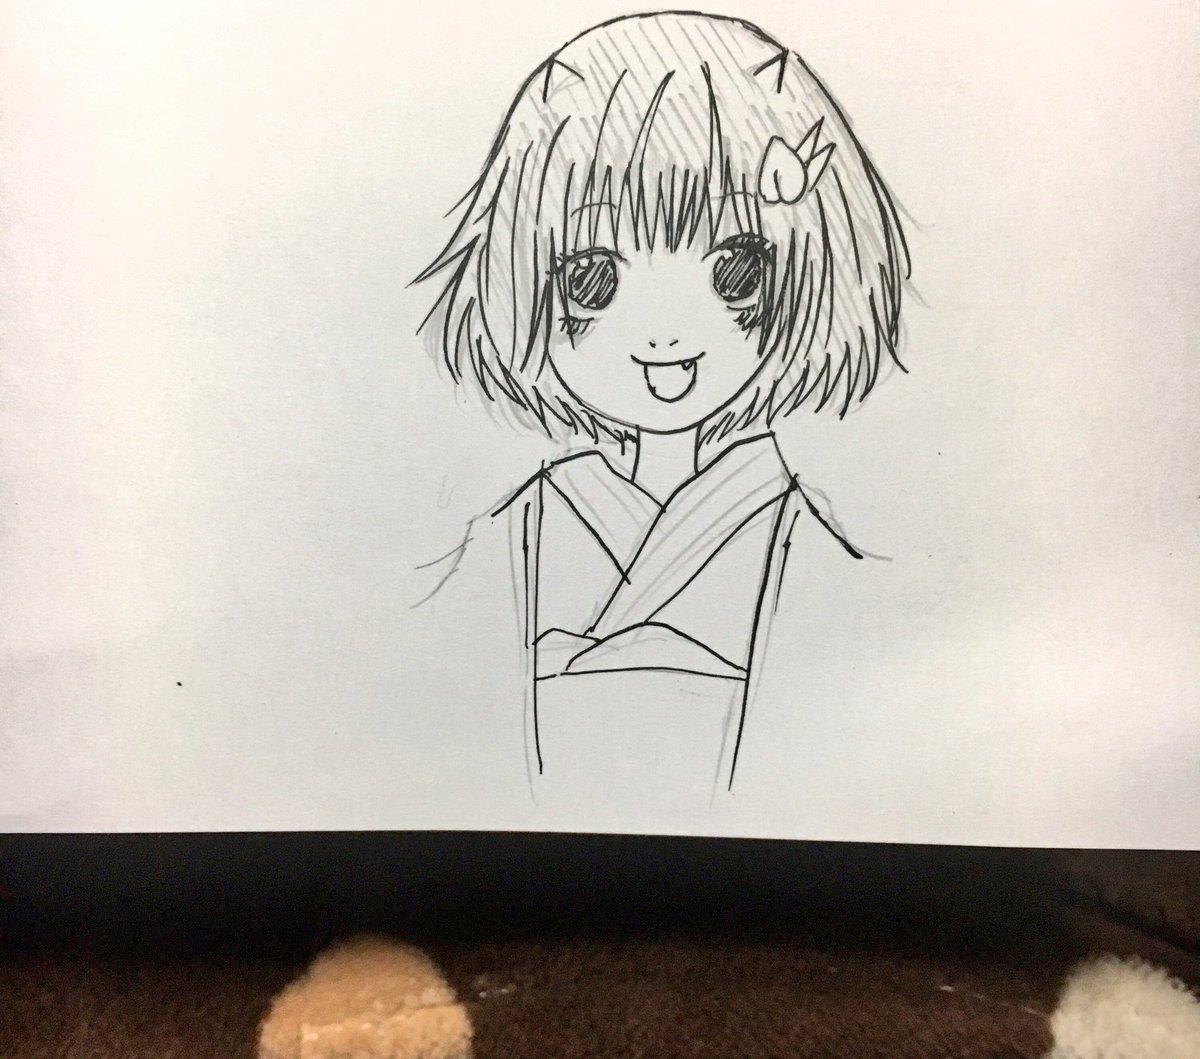 また落描き。ピーチ・マキちゃんを描いたよ。マキちゃん可愛すぎる大好きです。 #絵描きさんと繋がりたい  #絵描きの輪